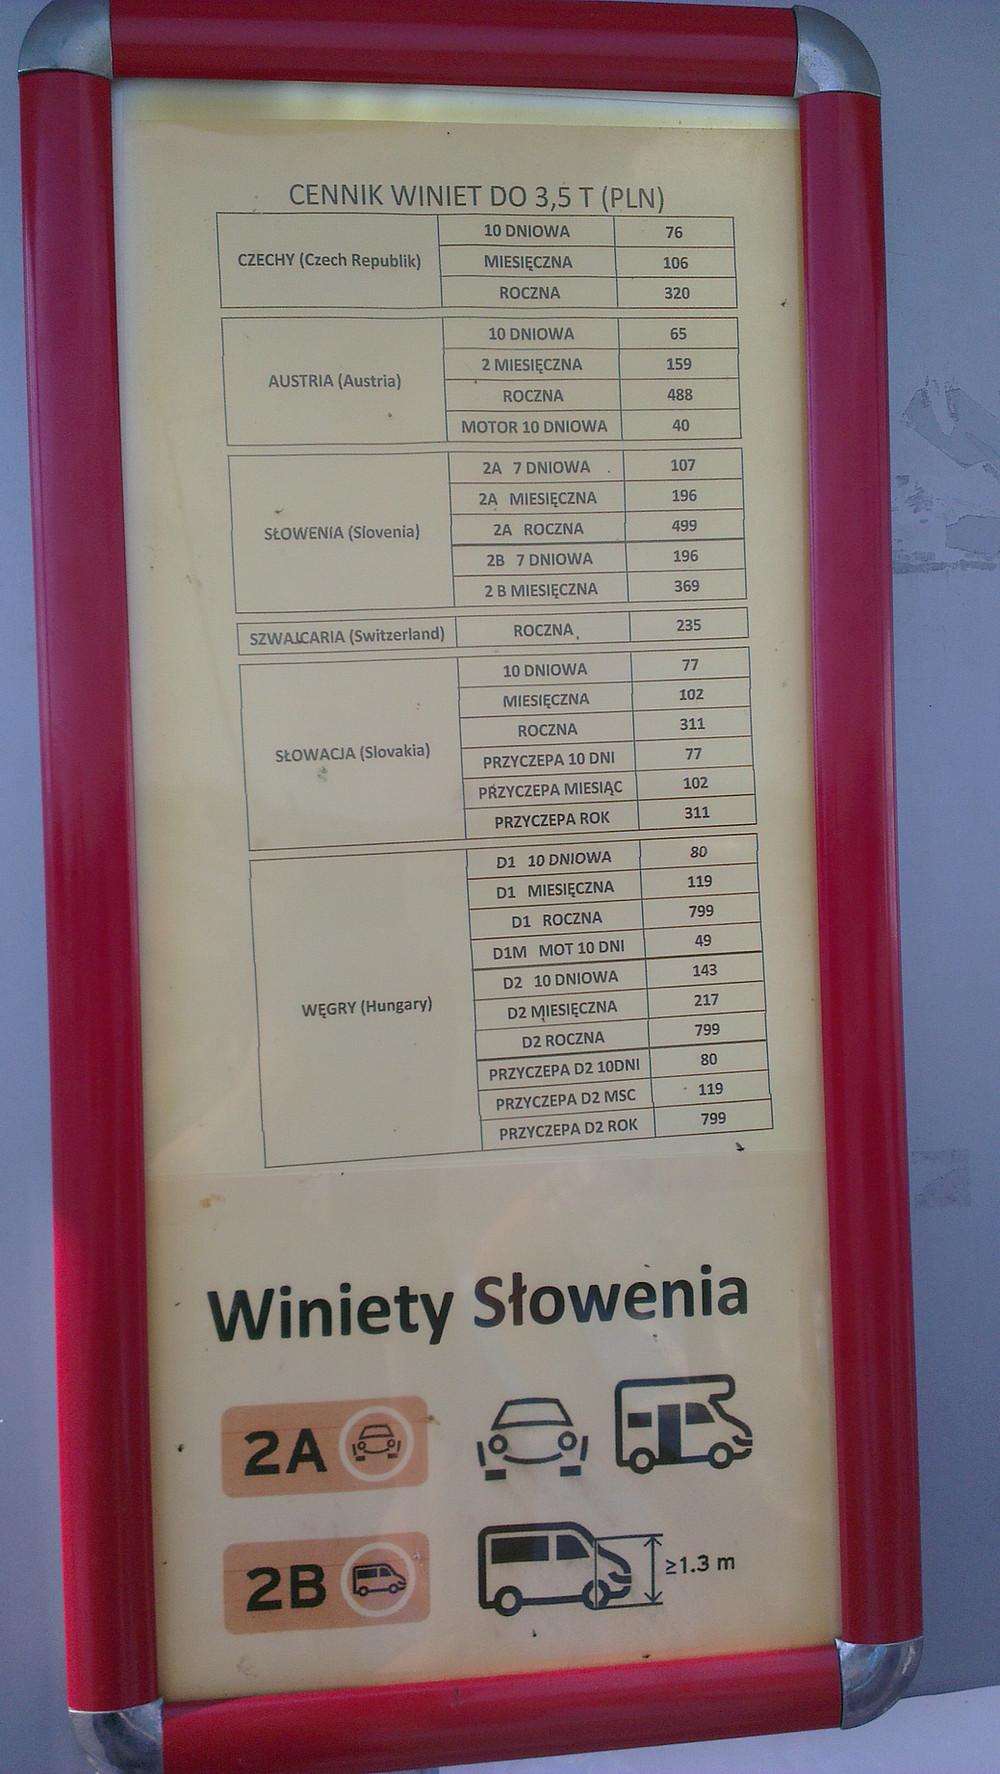 Польша, рядом граница Чехии, магазинчик где мы купили виньетки